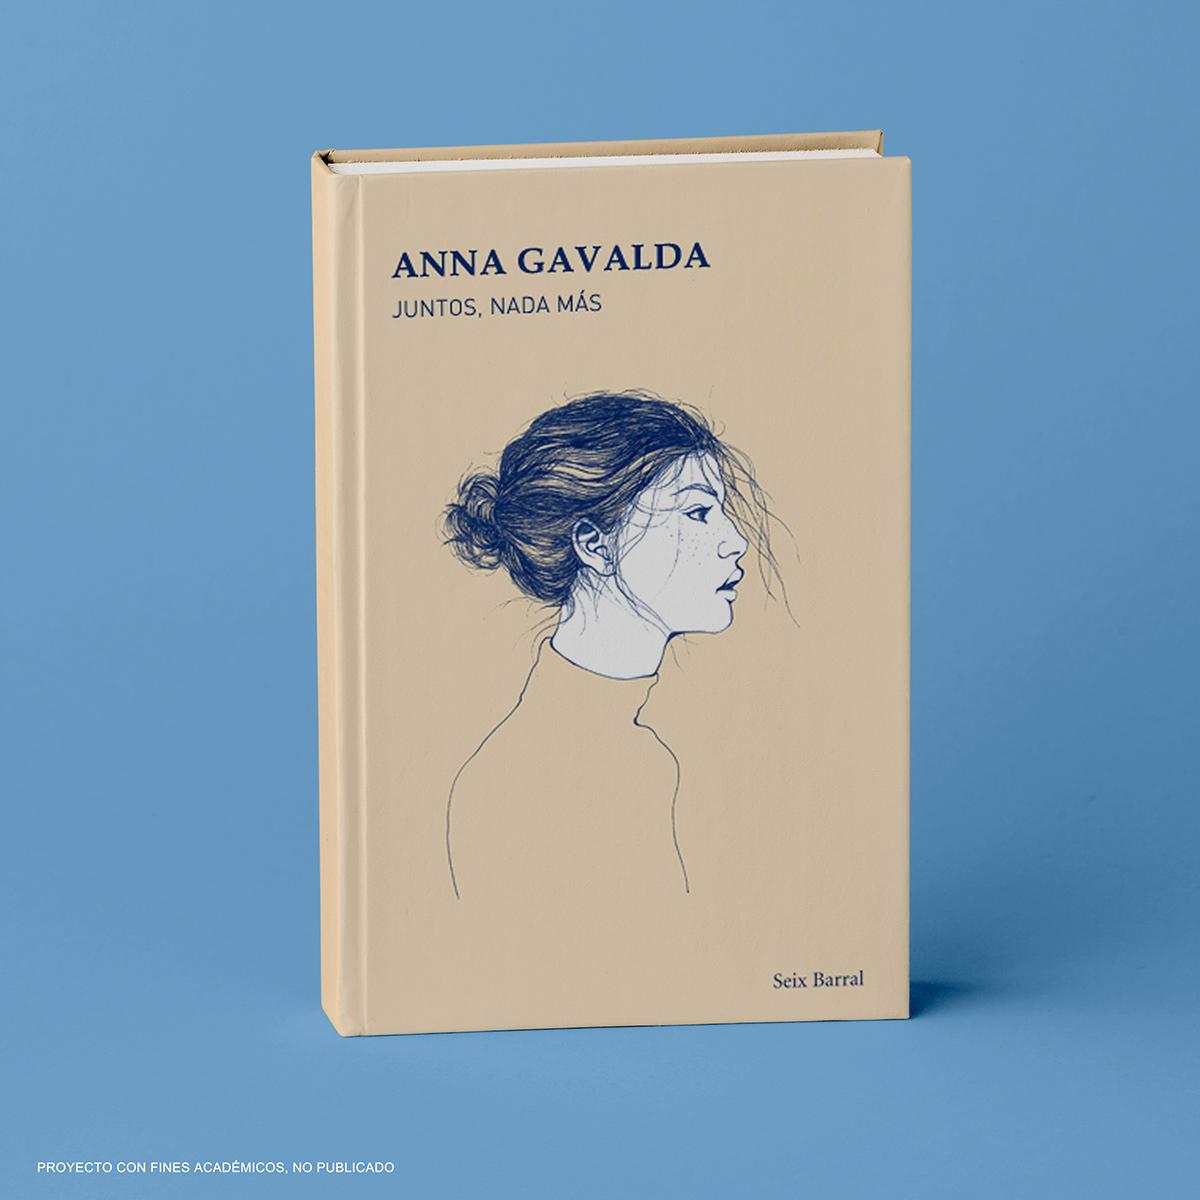 book cover dibujo Editorial Illustration ilustracion ilustración editorial libro Portada portrait retrato tinta